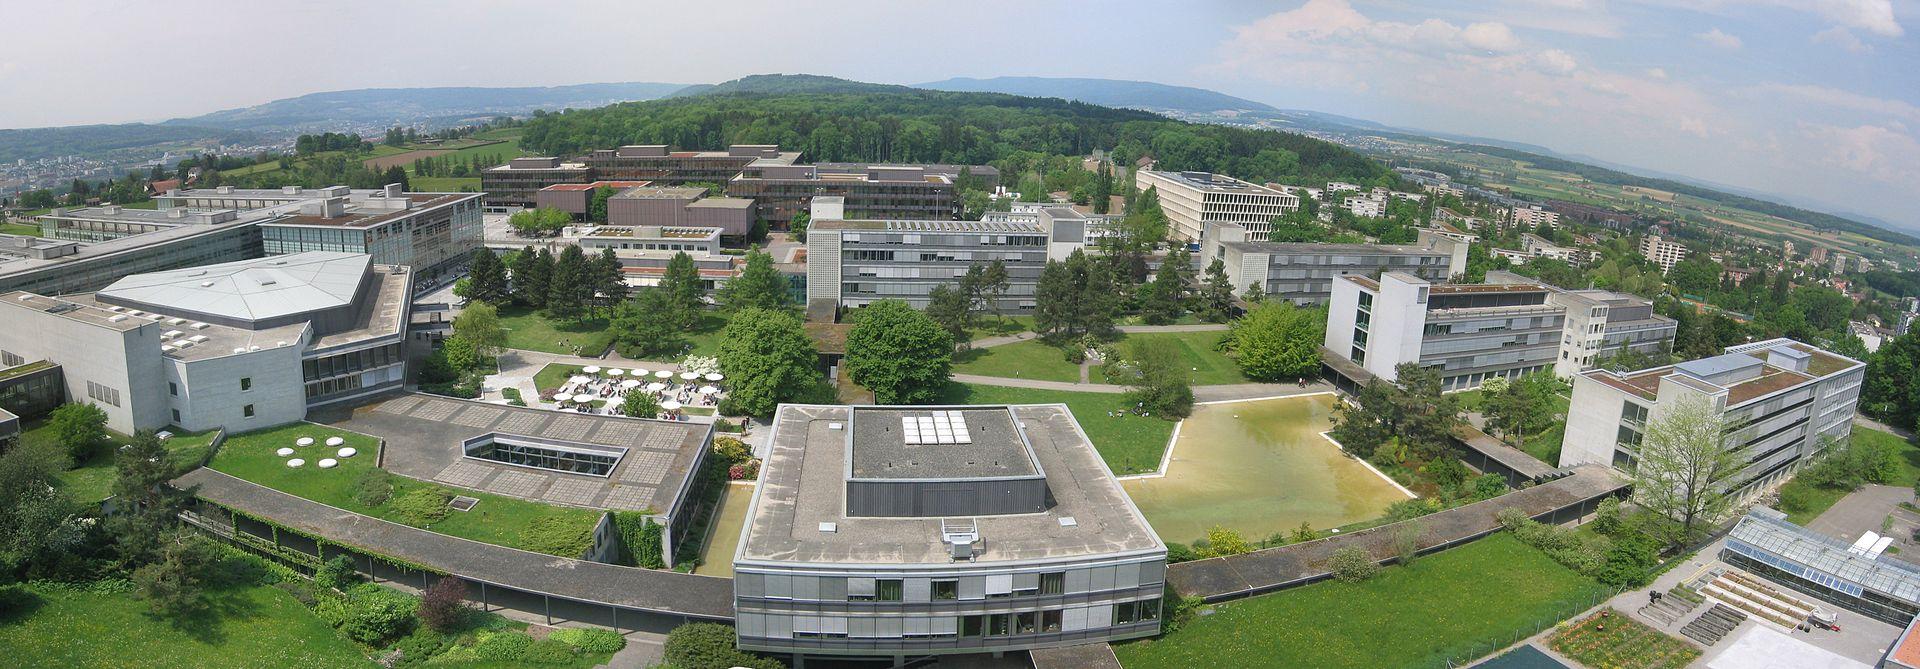 ETH-Hoenggerberg-2008